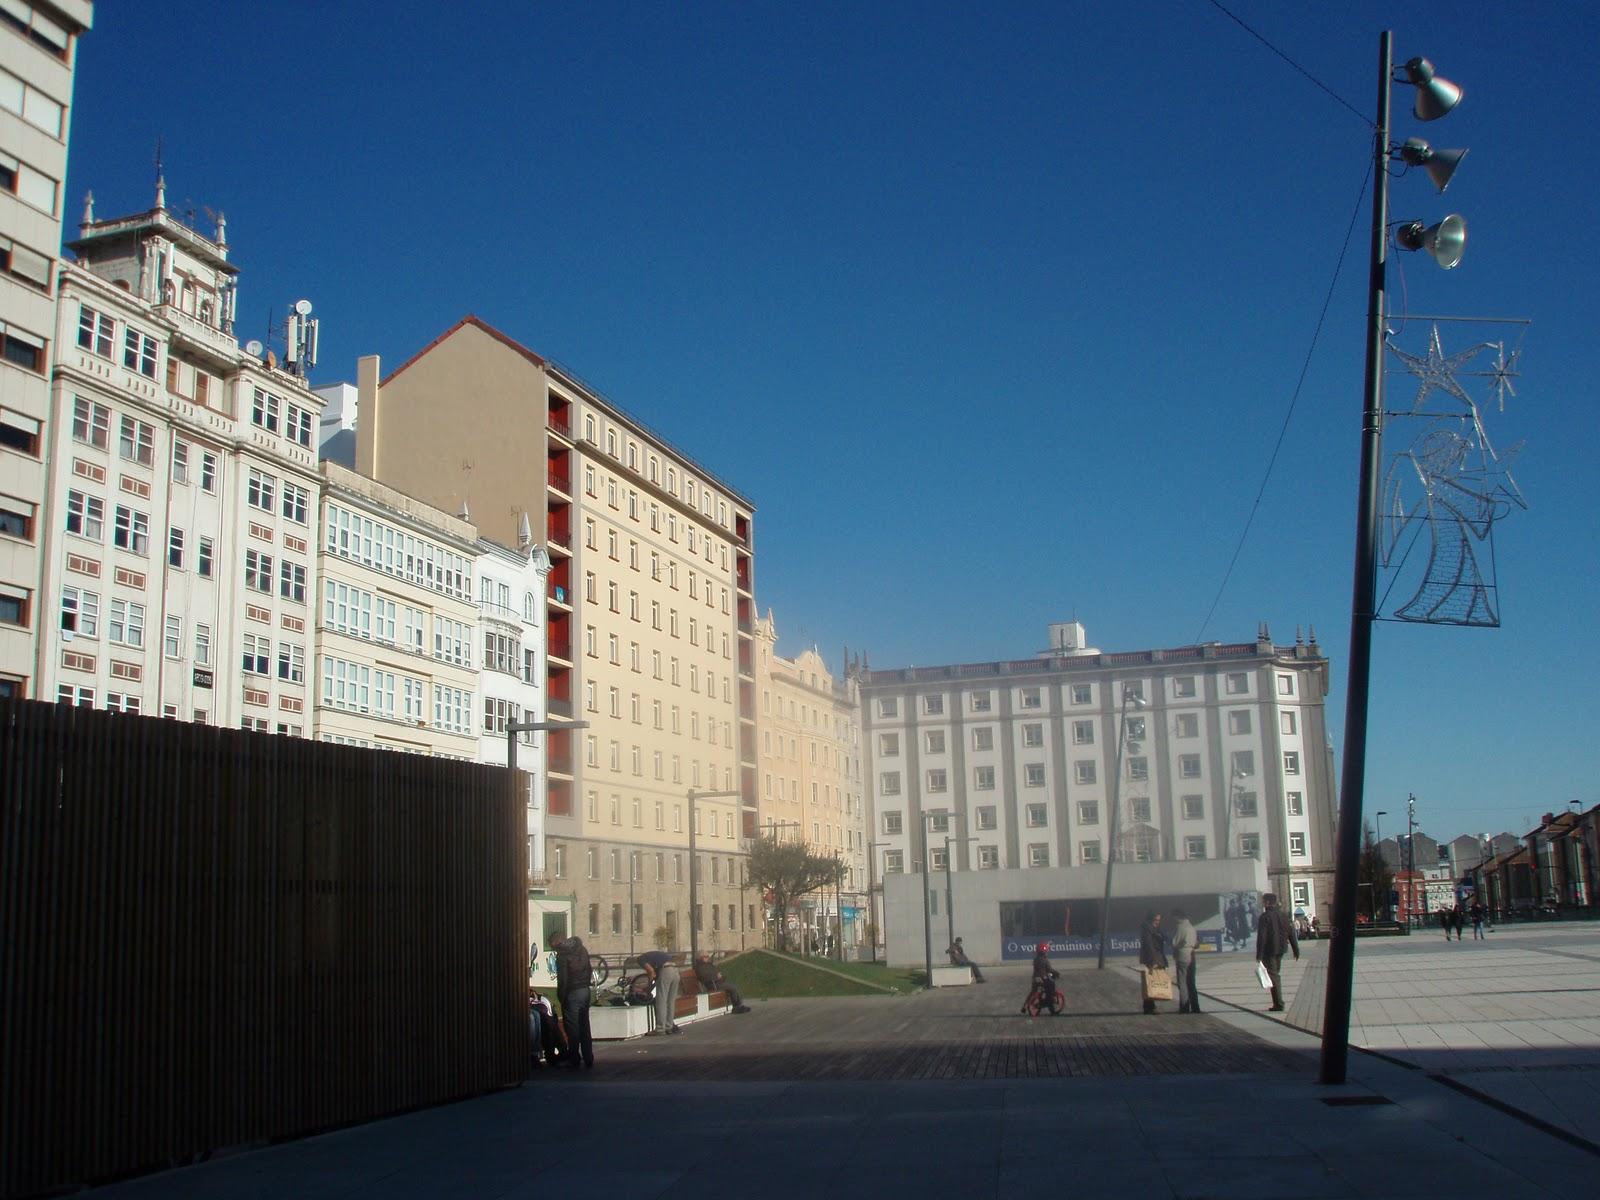 Ferrol no s lo sol y playa - Temperatura actual ferrol ...